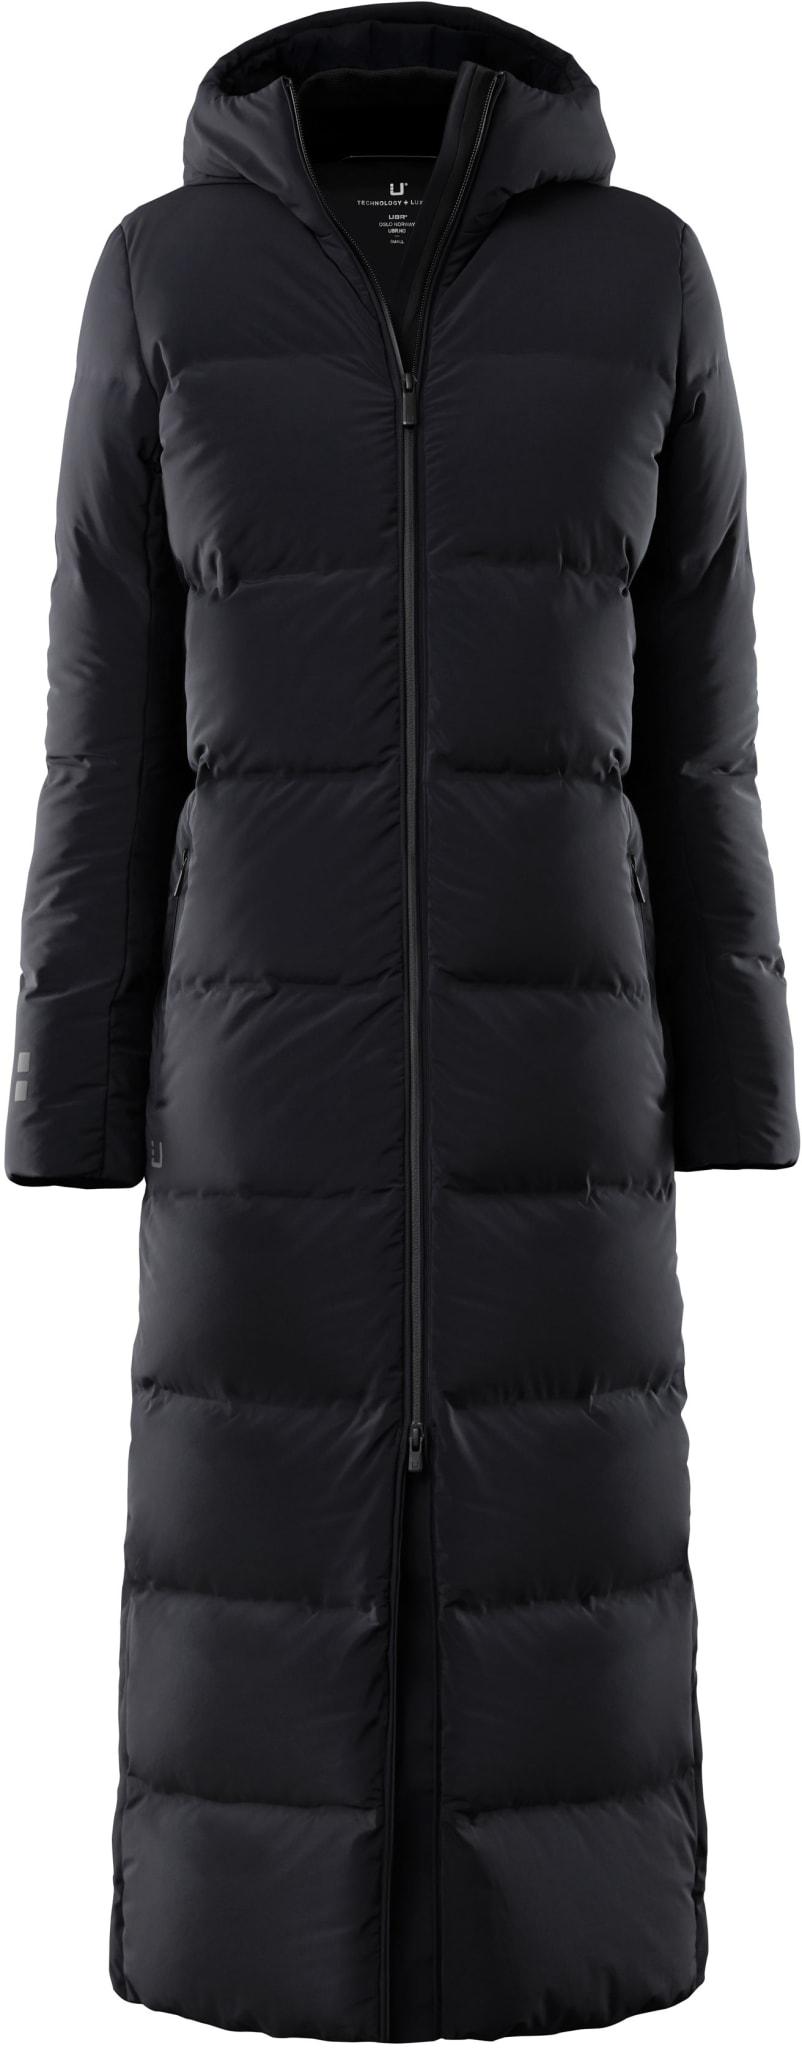 Ws Infinity Coat